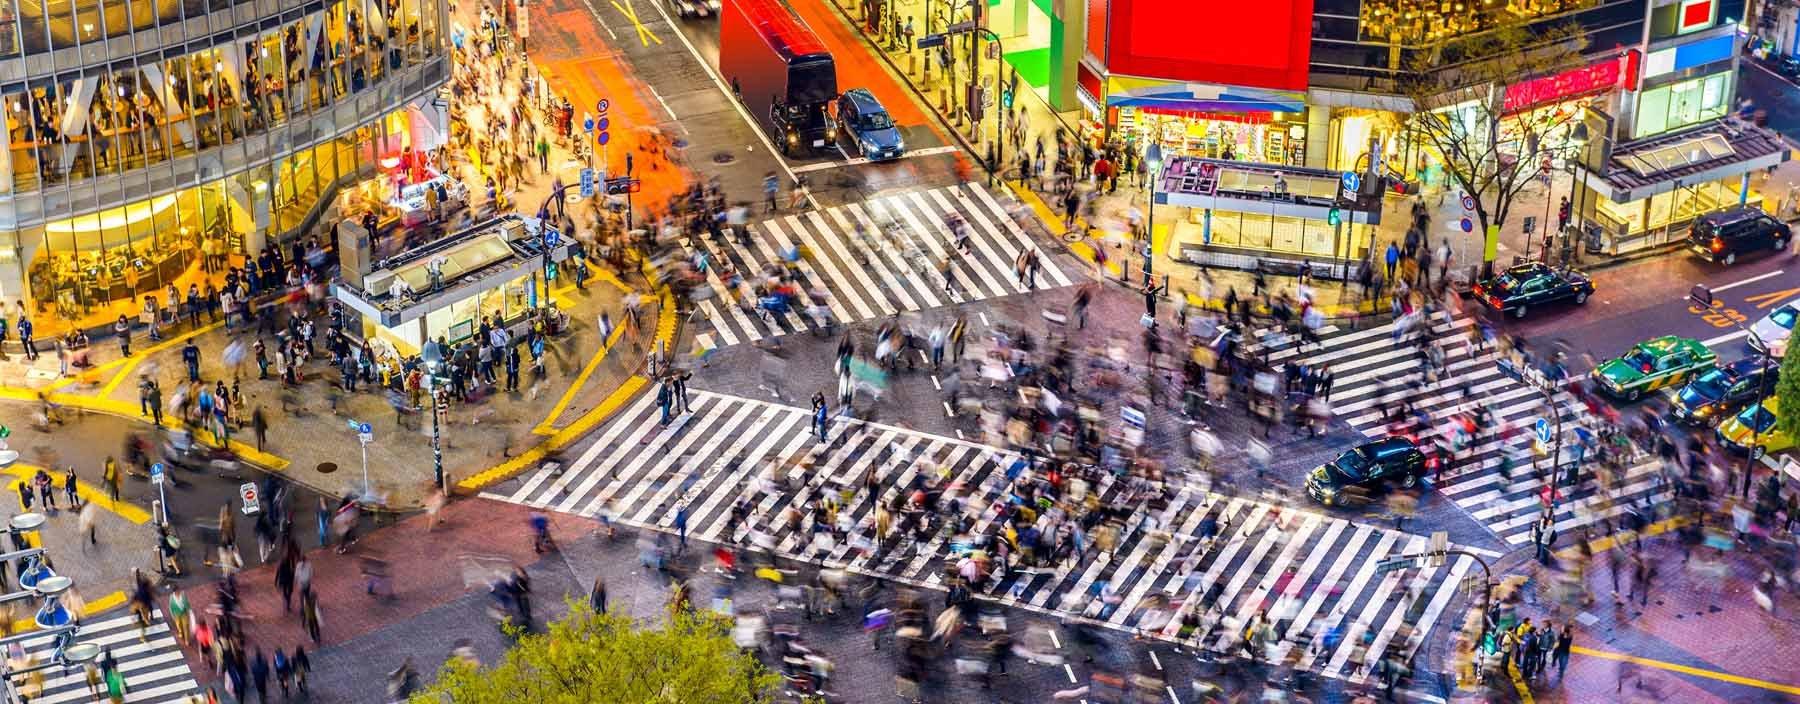 jp, tokyo, crosswalks.jpg